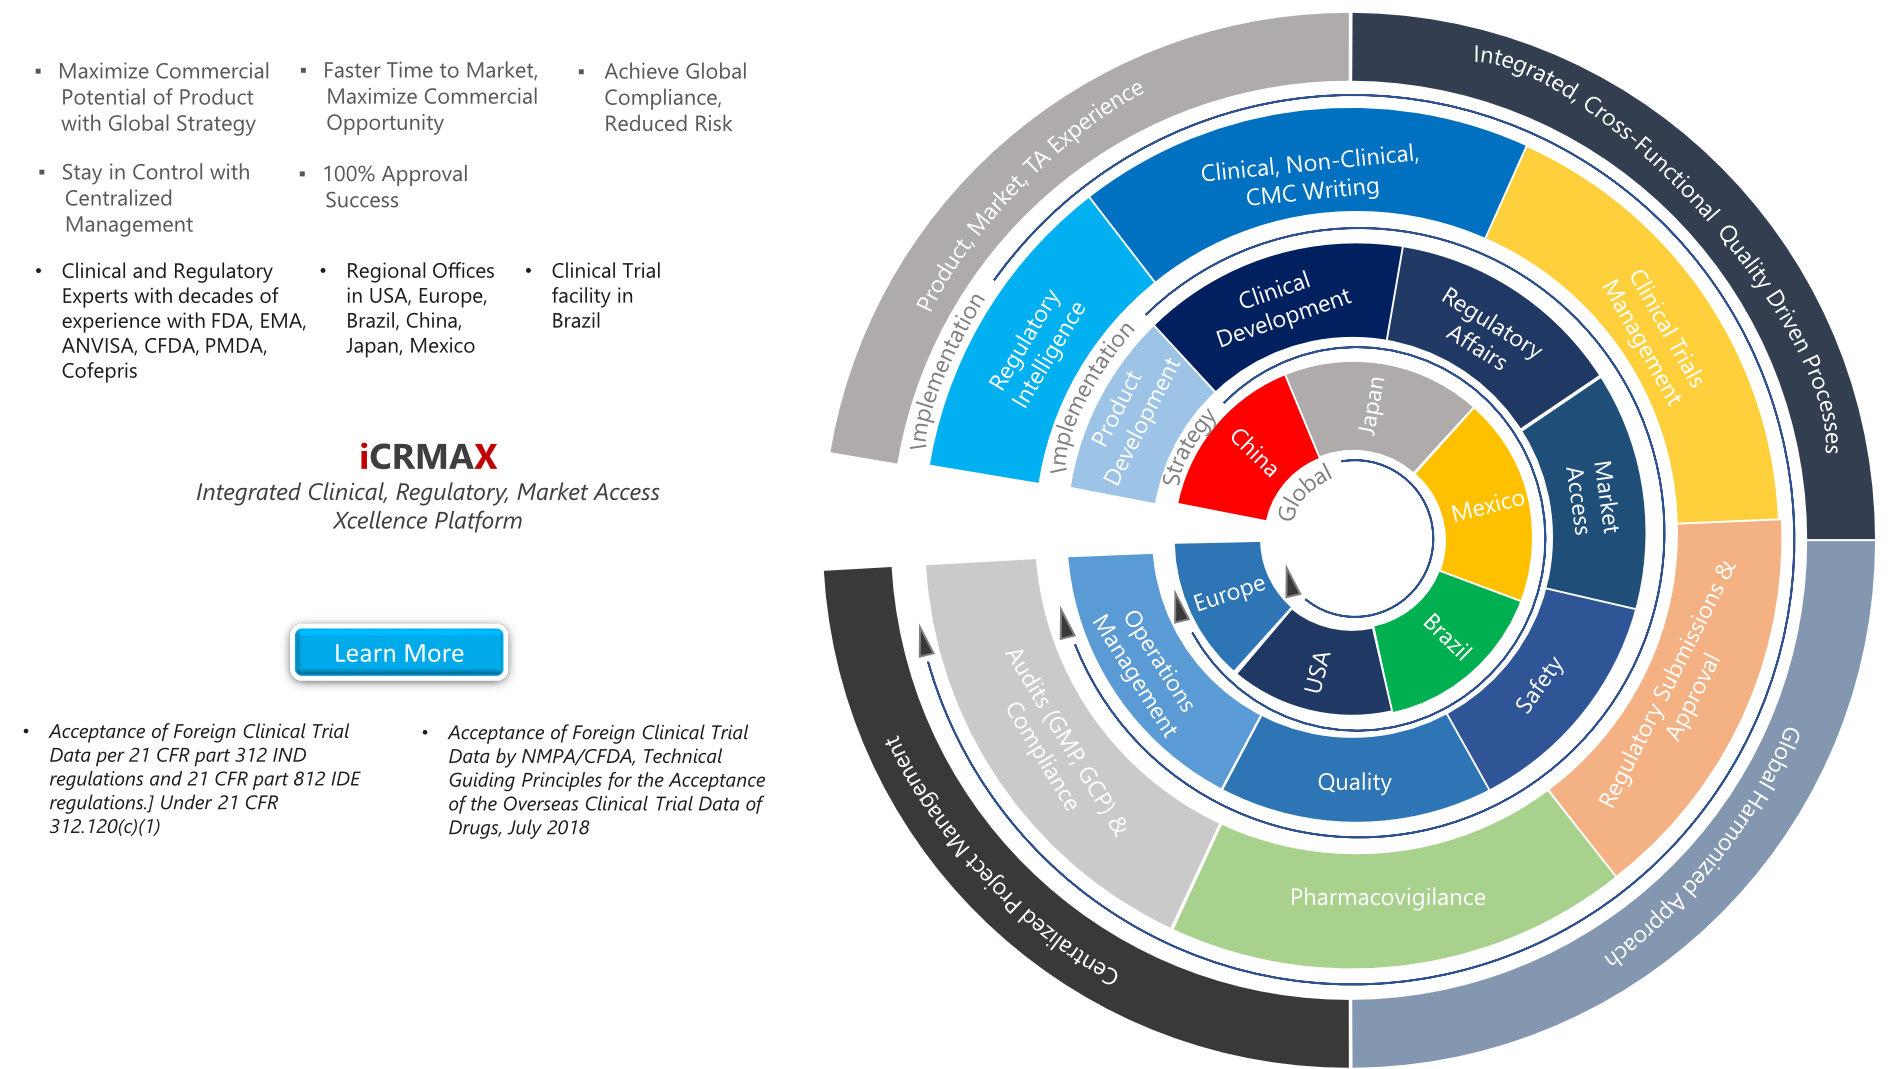 Integrated Clinical, Regulatory, Market Access Xcellence Platform